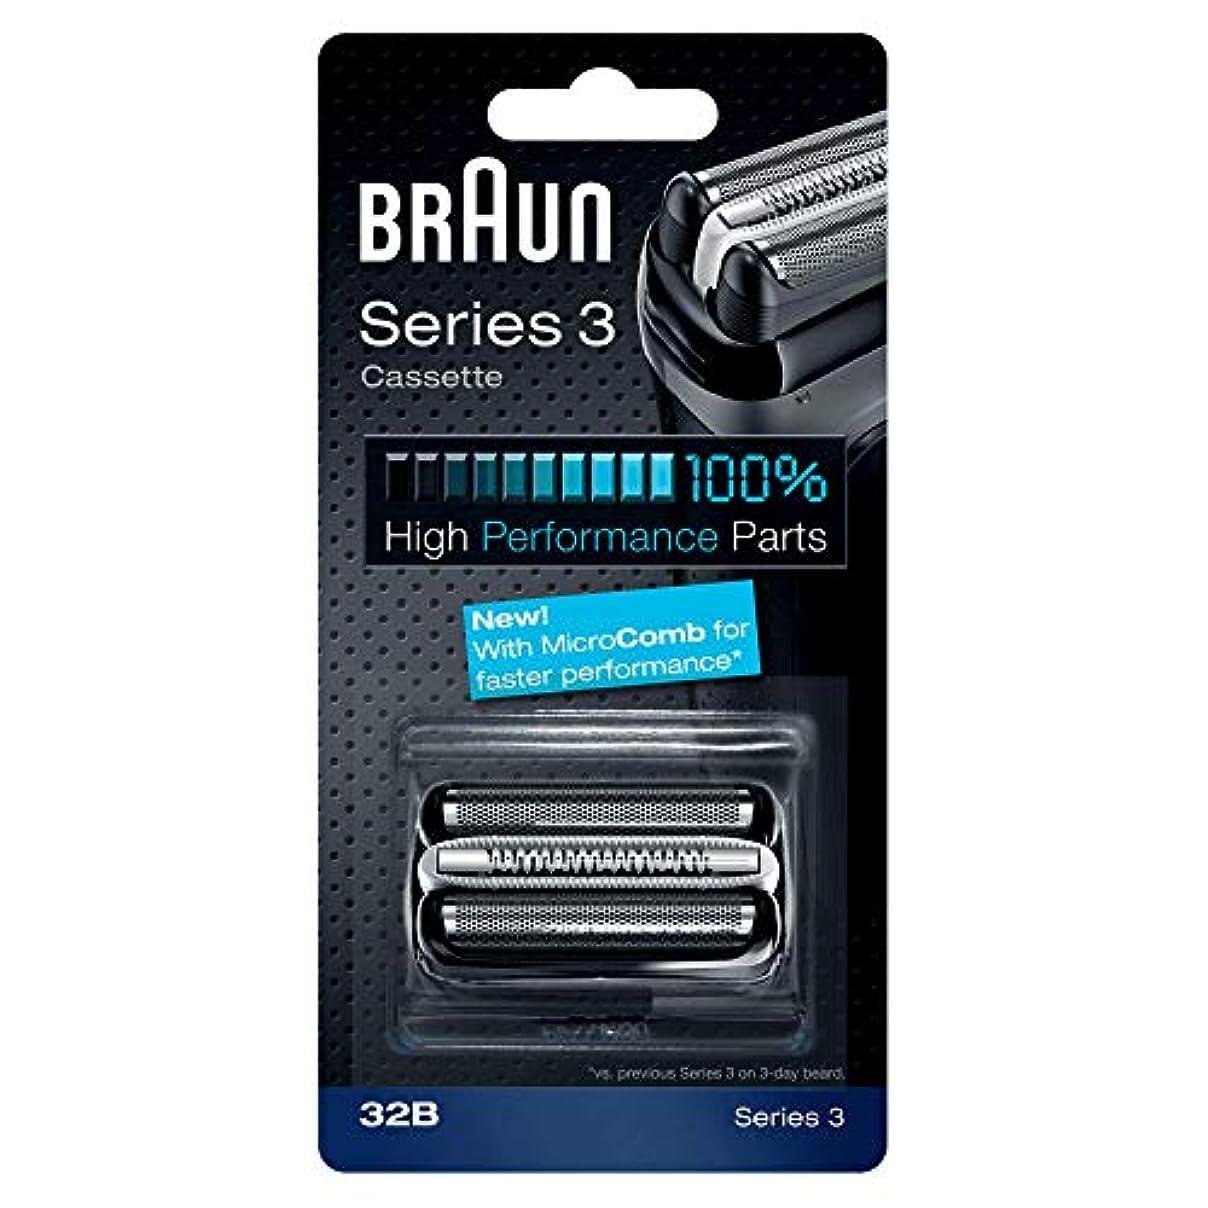 請負業者さまよう補助BRAUN 32B Series 3 Shaver Cassette MicroComb交換ヘッドをフォイルカッター& [並行輸入品]